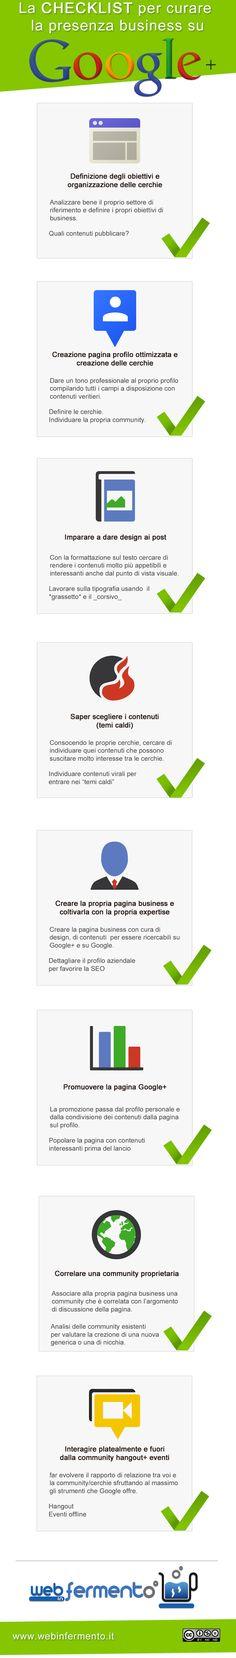 Google+ la checklist per fare business http://www.webinfermento.it/google-la-checklist-per-fare-business-infografica/